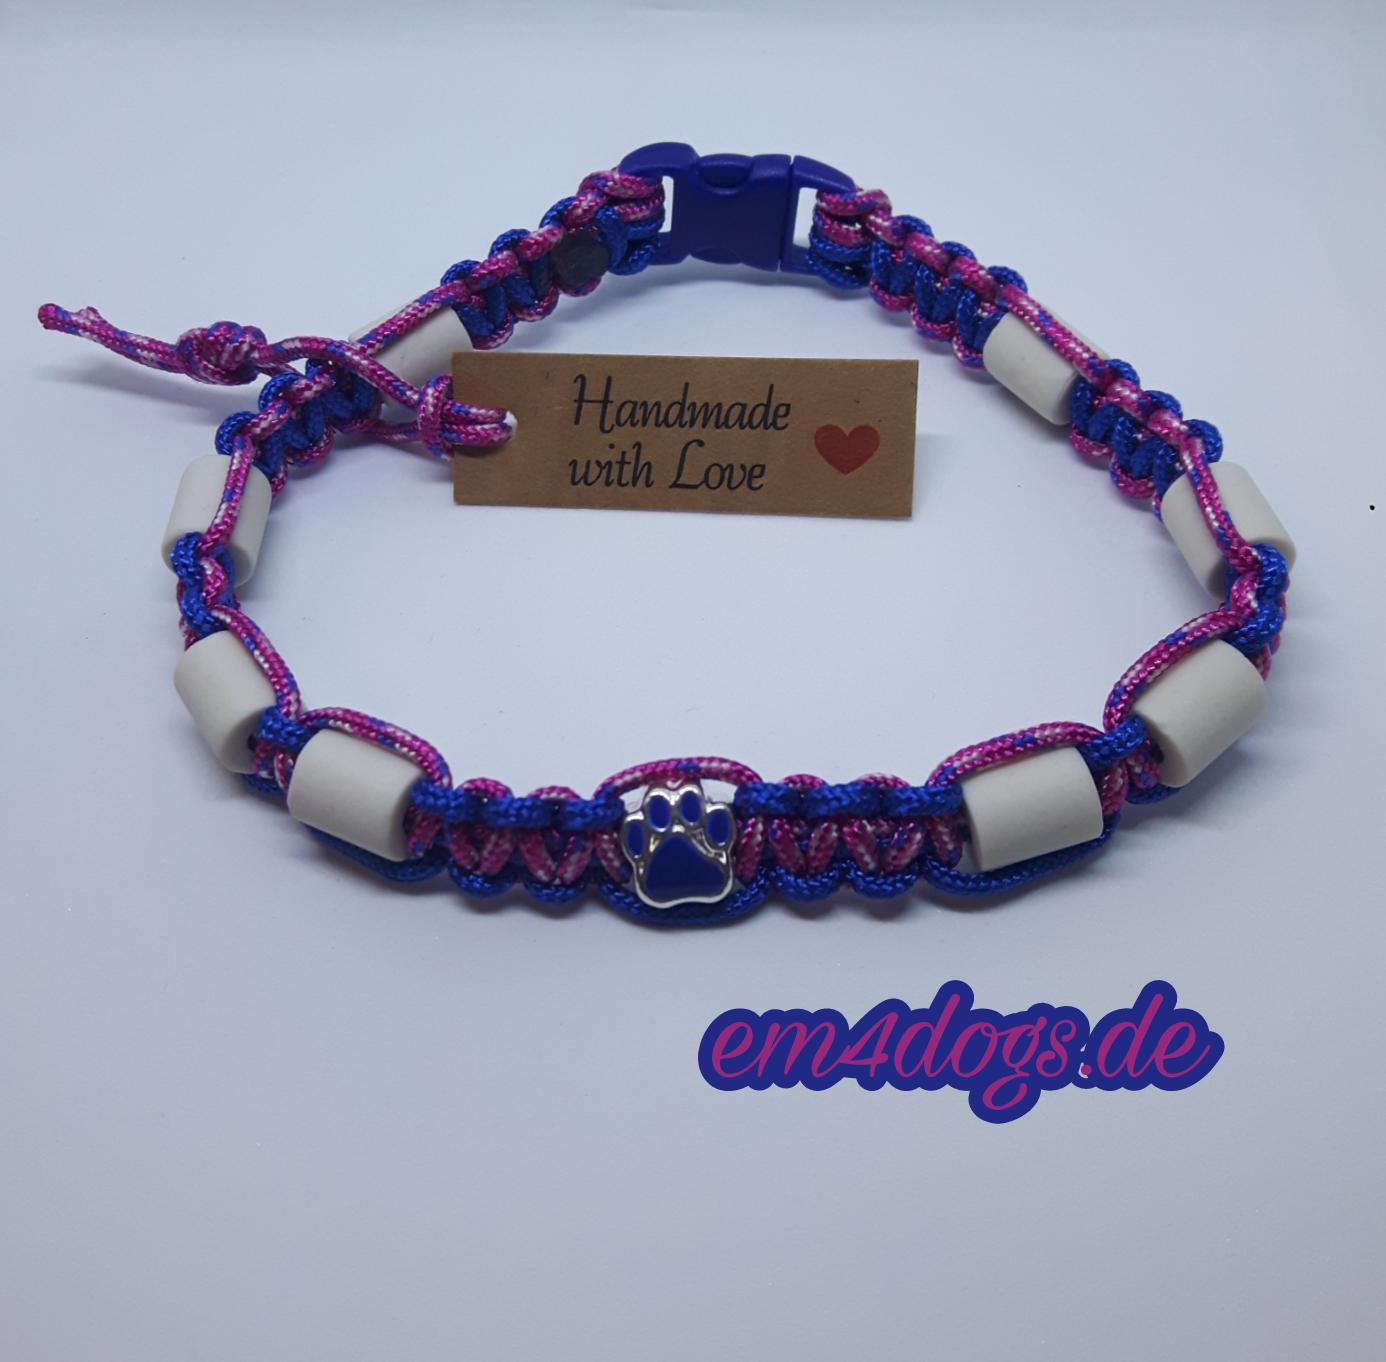 em4dogs.de EM-Keramik Hundehalsband blau fuchsia